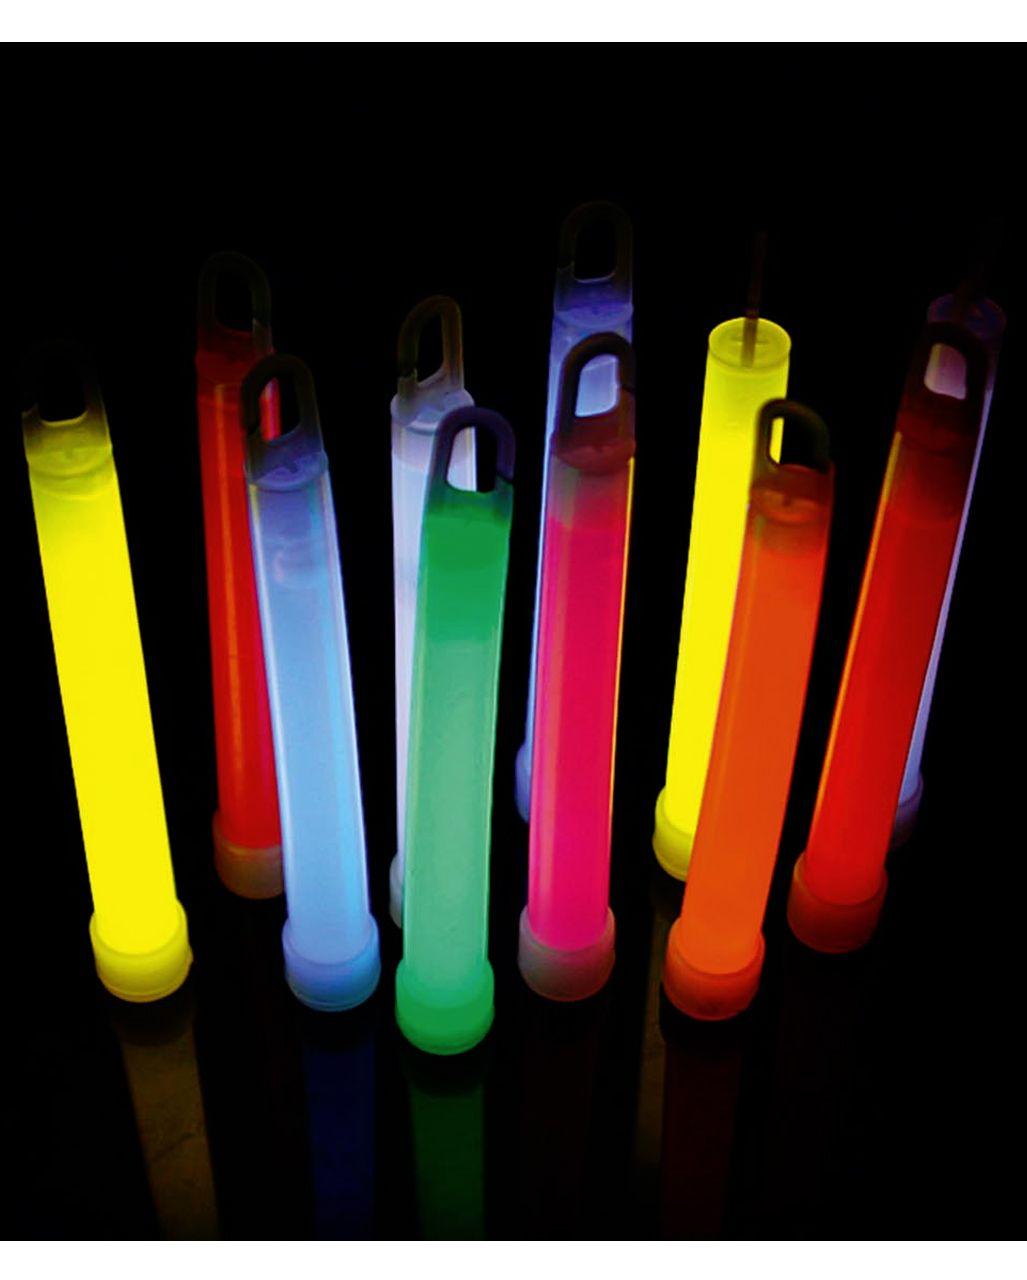 Halloween Deko Shopch.Knicklicht Glowstick Als Leuchtstab Halloween Deko Kaufen Horror Shop Com Weihnachten Dekoration Weihnachten Convenience Store Products